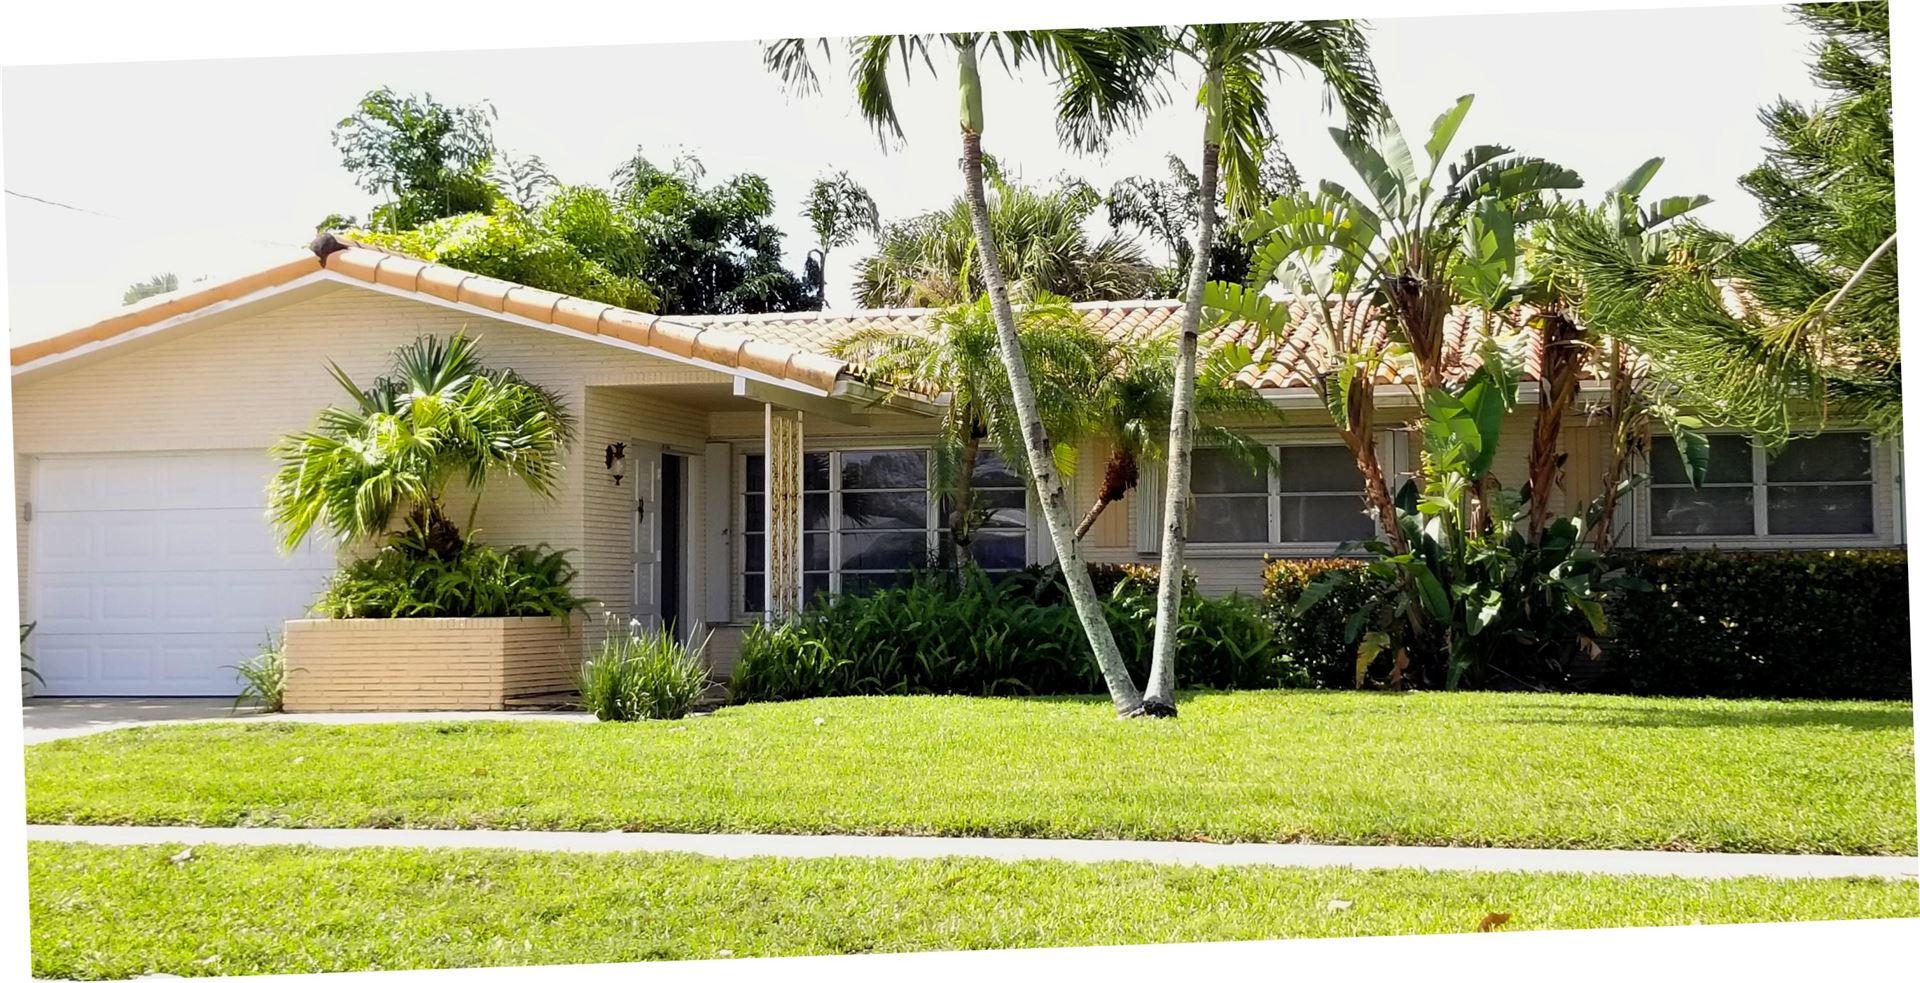 6 Burning Tree Lane, Boca Raton, FL 33431 - MLS#: RX-10716496